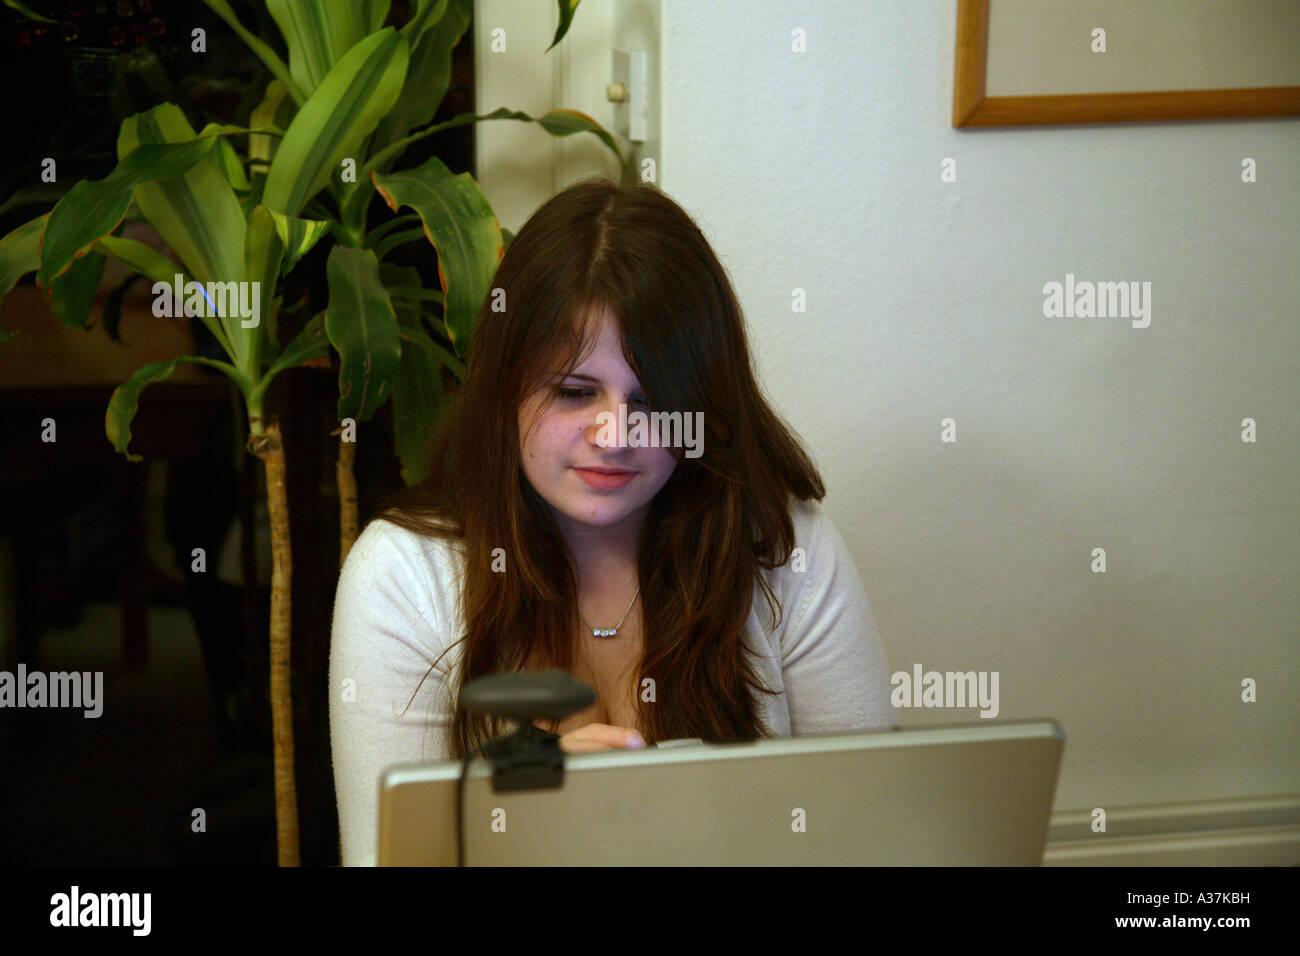 Mädchen Webcam Bilder